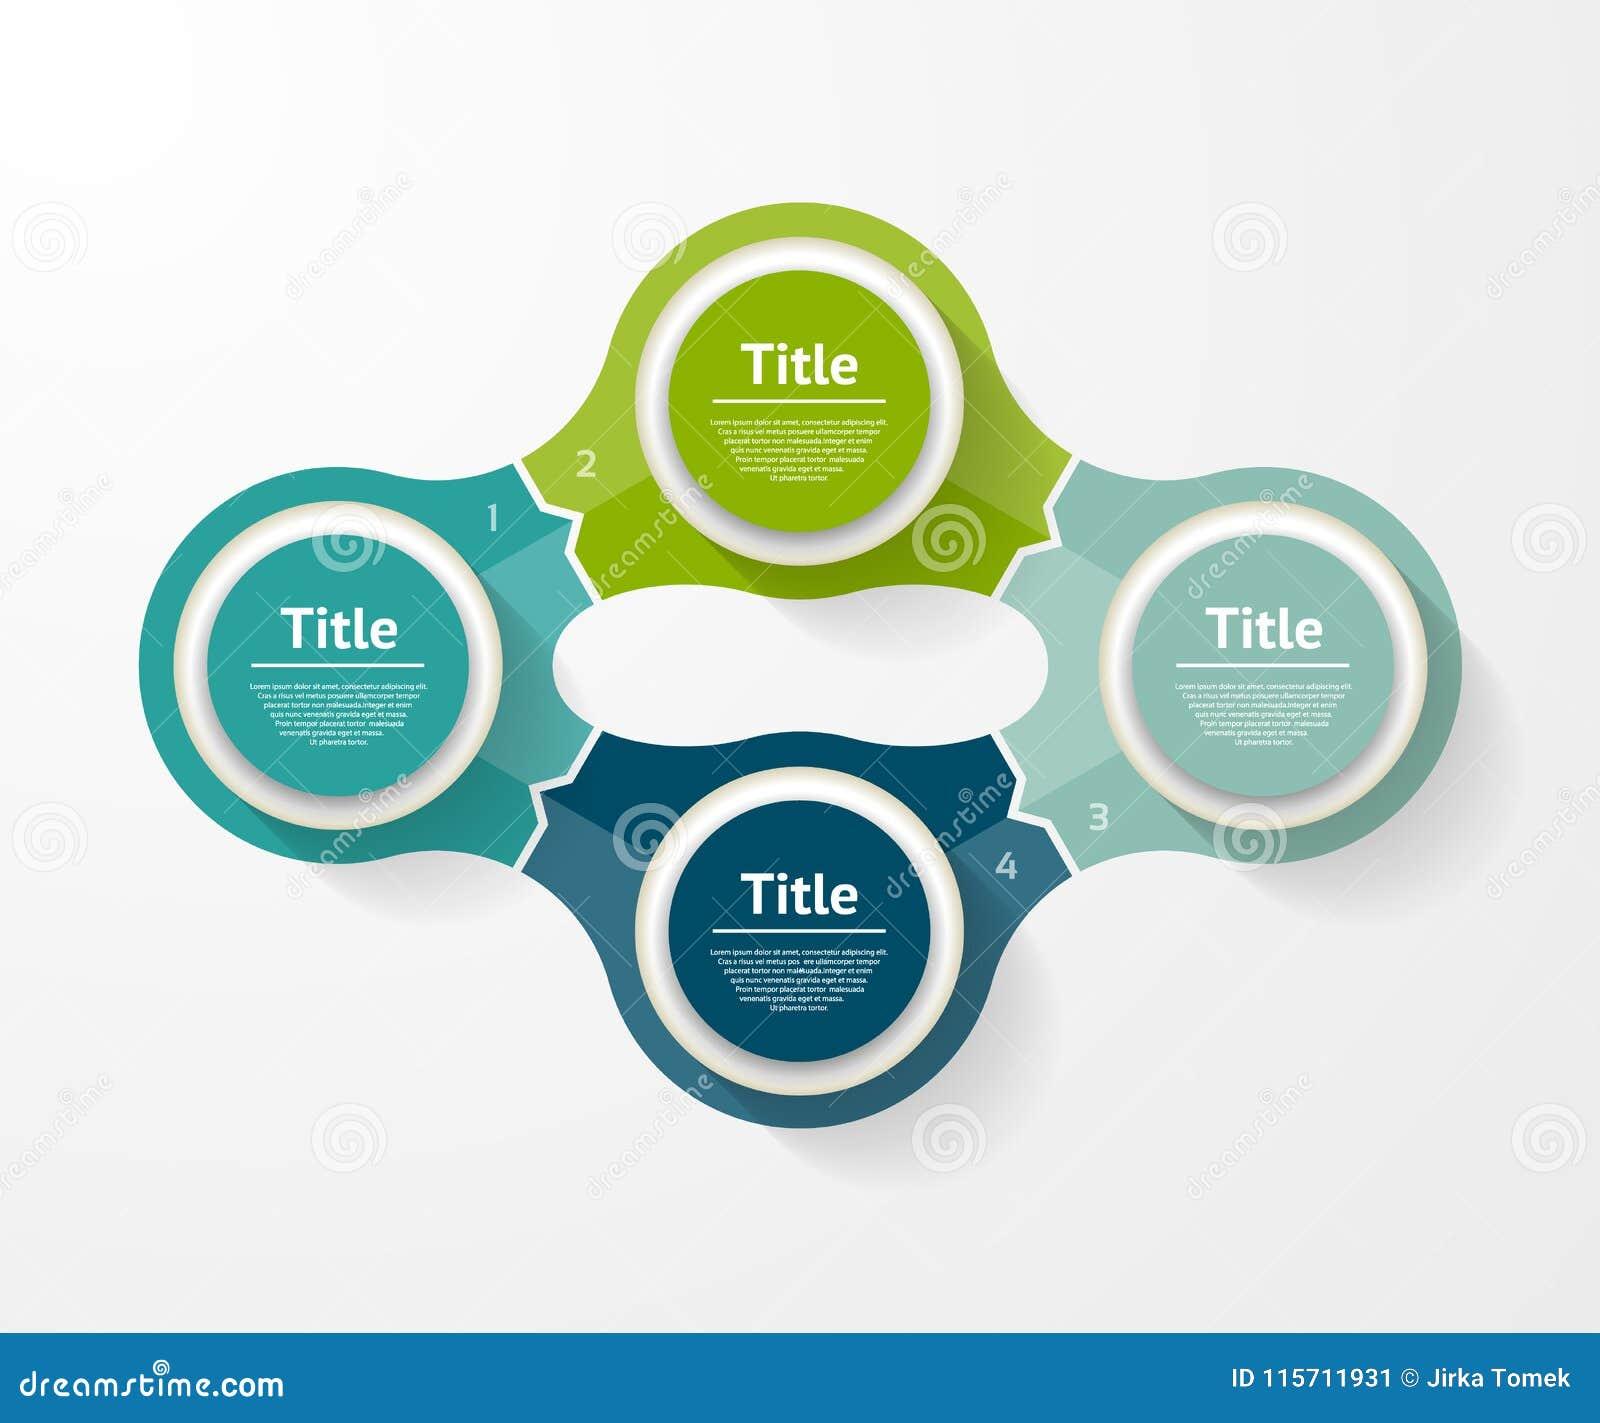 Vector infographic Schablone für Diagramm, Diagramm, Darstellung und Diagramm Geschäftskonzept mit 4 Wahlen, Teile, Schritte